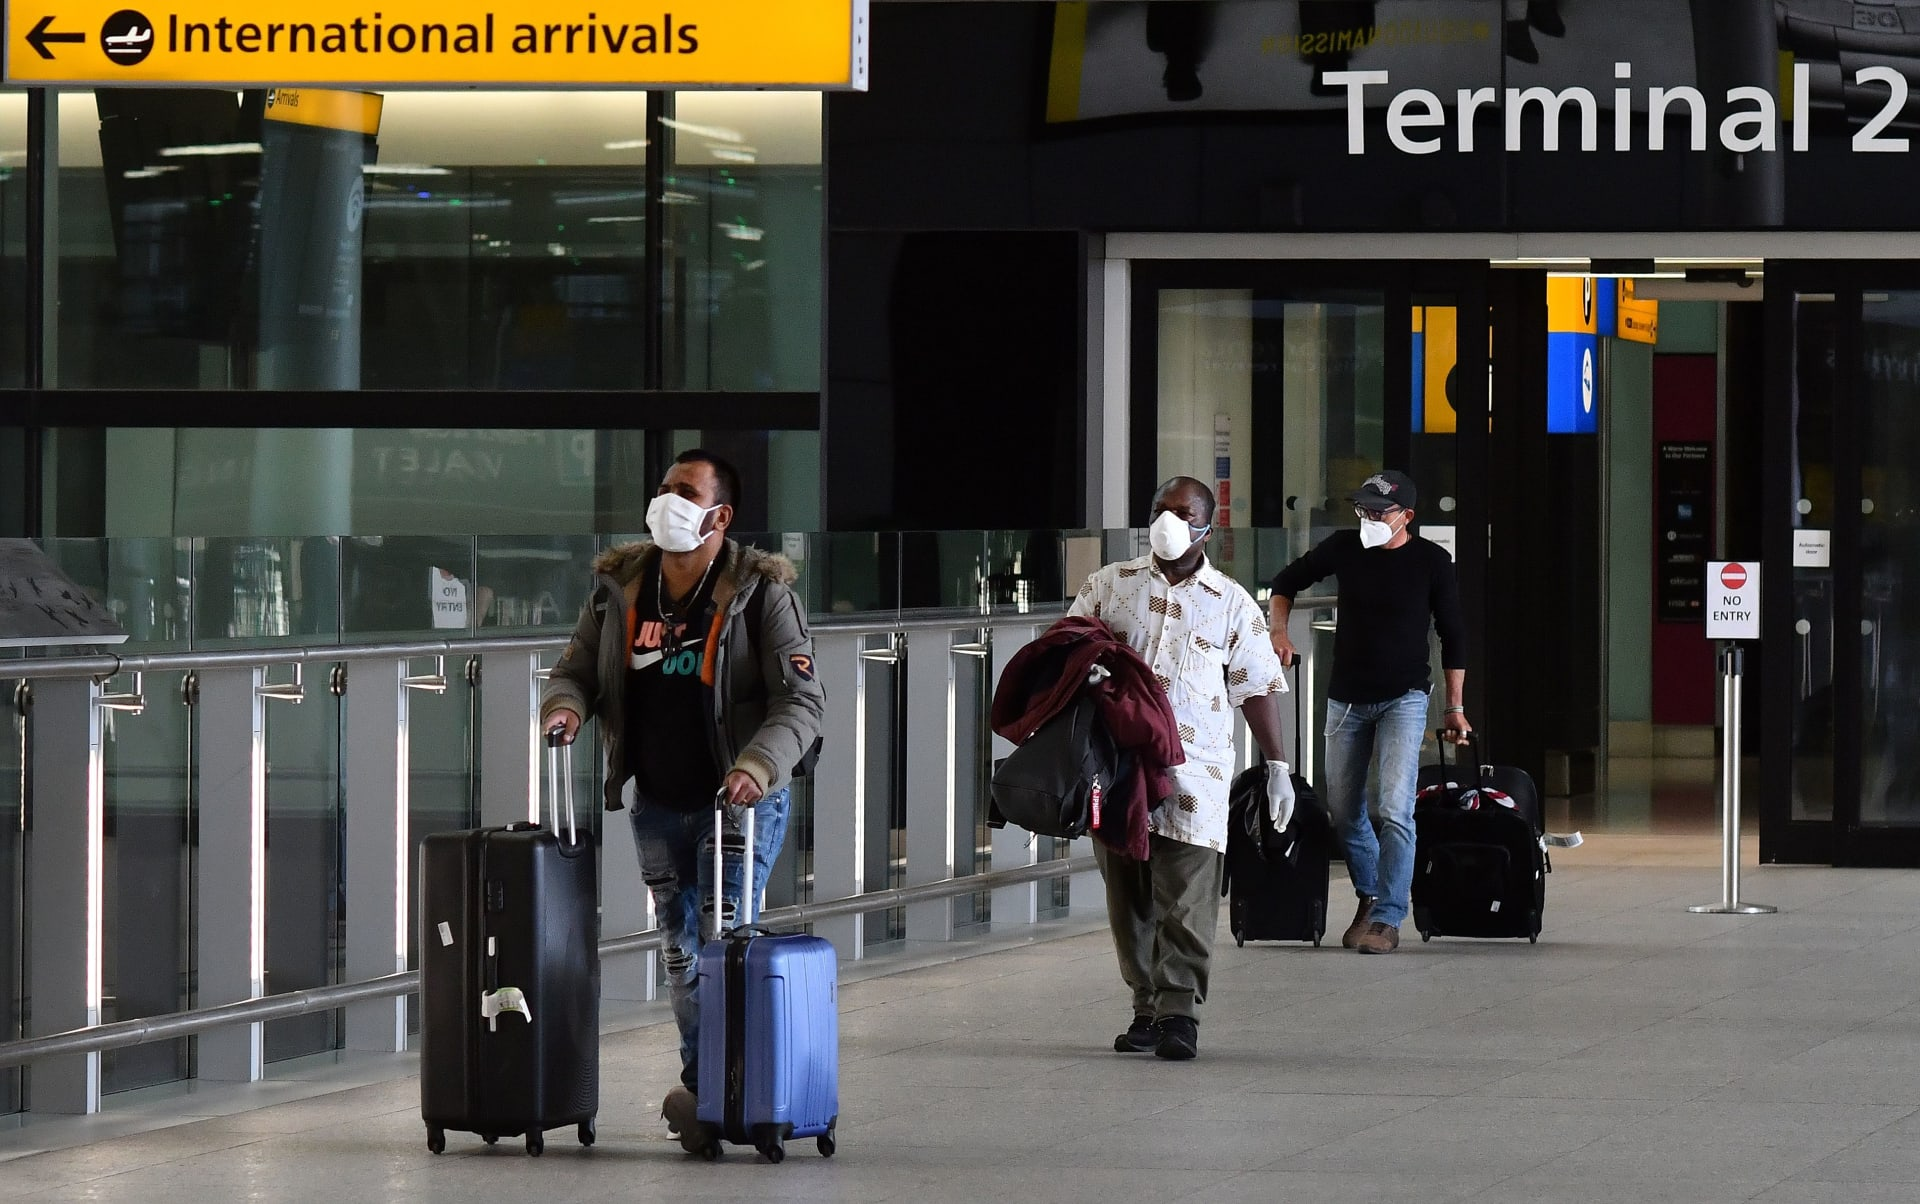 """بينهم 3 دول عربية وأمريكا مستبعدة.. الاتحاد الأوروبي يسمح باستقبال مسافرين من 14 """"دولة آمنة"""""""